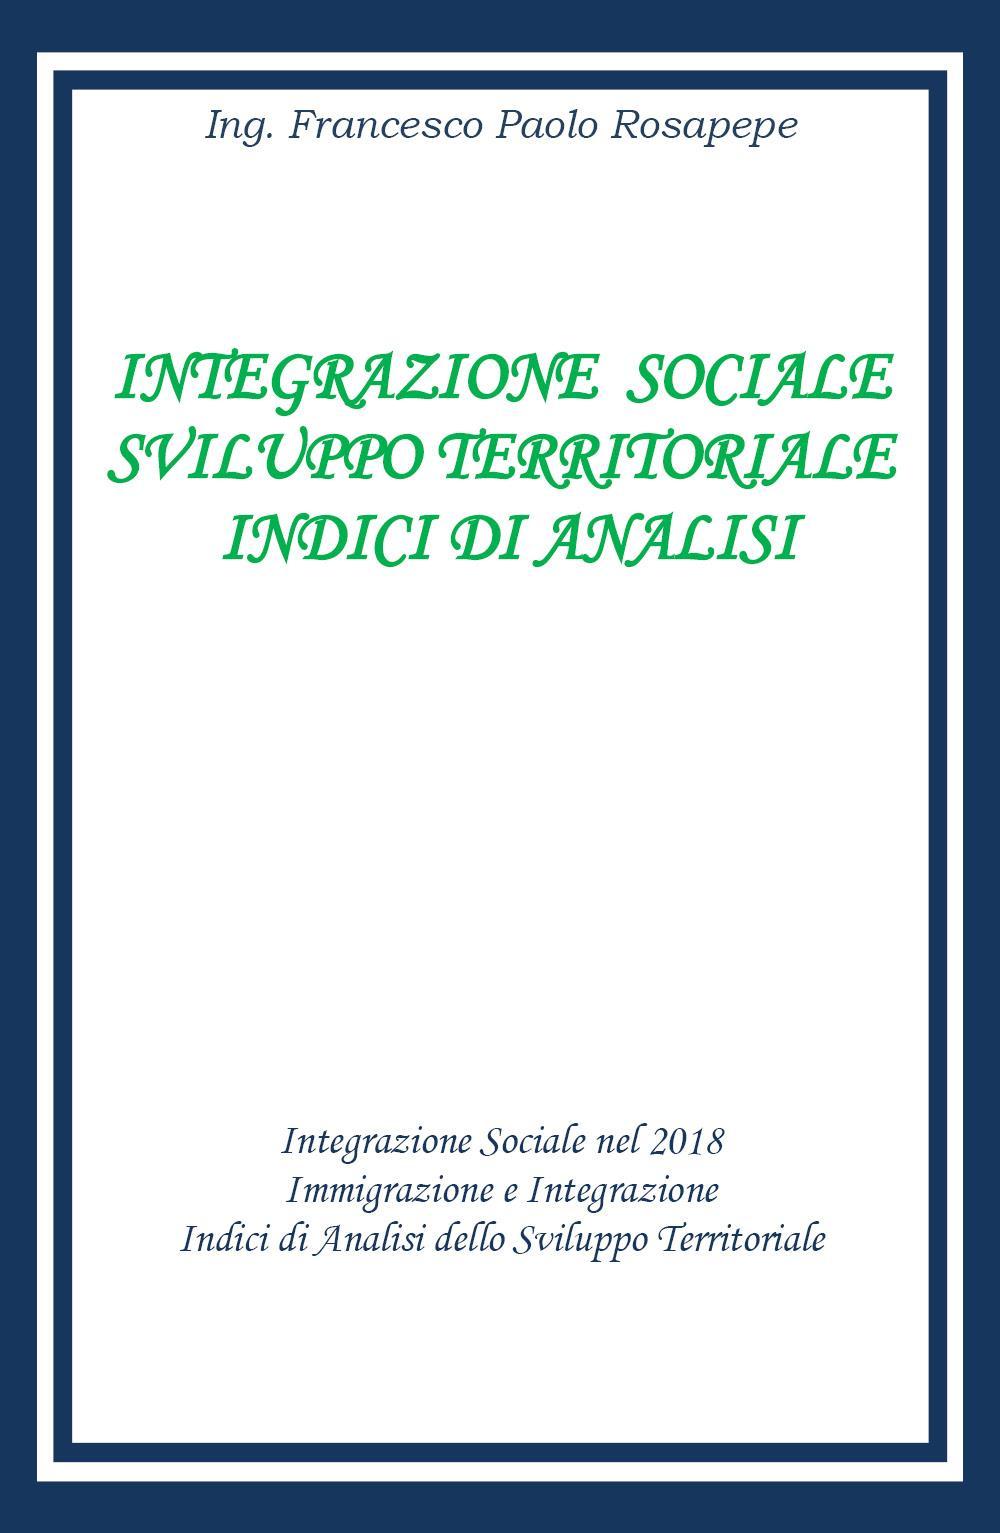 Integrazione Sociale e sviluppo territoriale indici di analisi